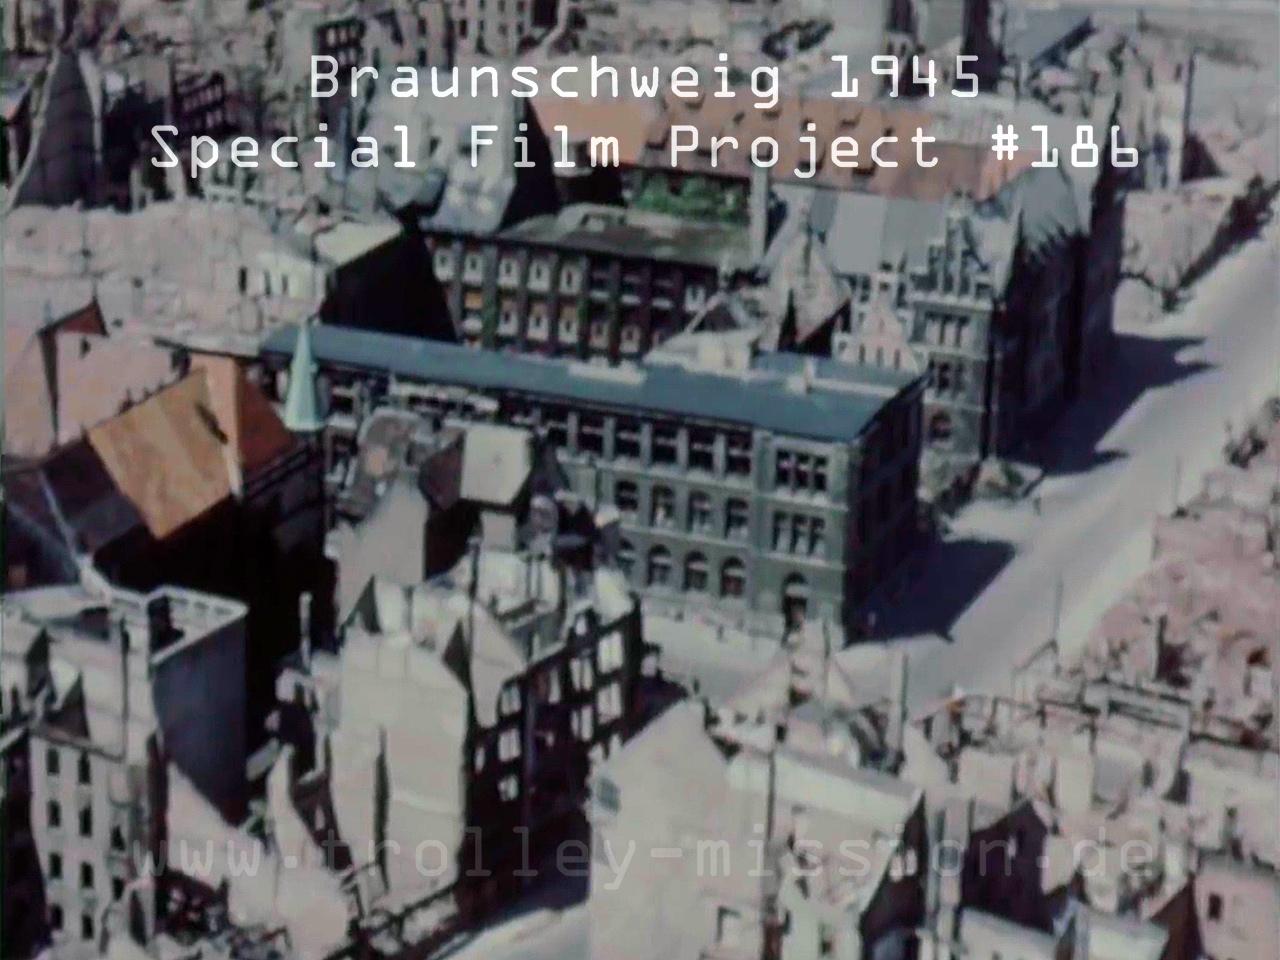 Farbfilm Luftaufnahmen von Braunschweig nach den Fliegerbomben und Luftangriffen aus dem Jahr 1945